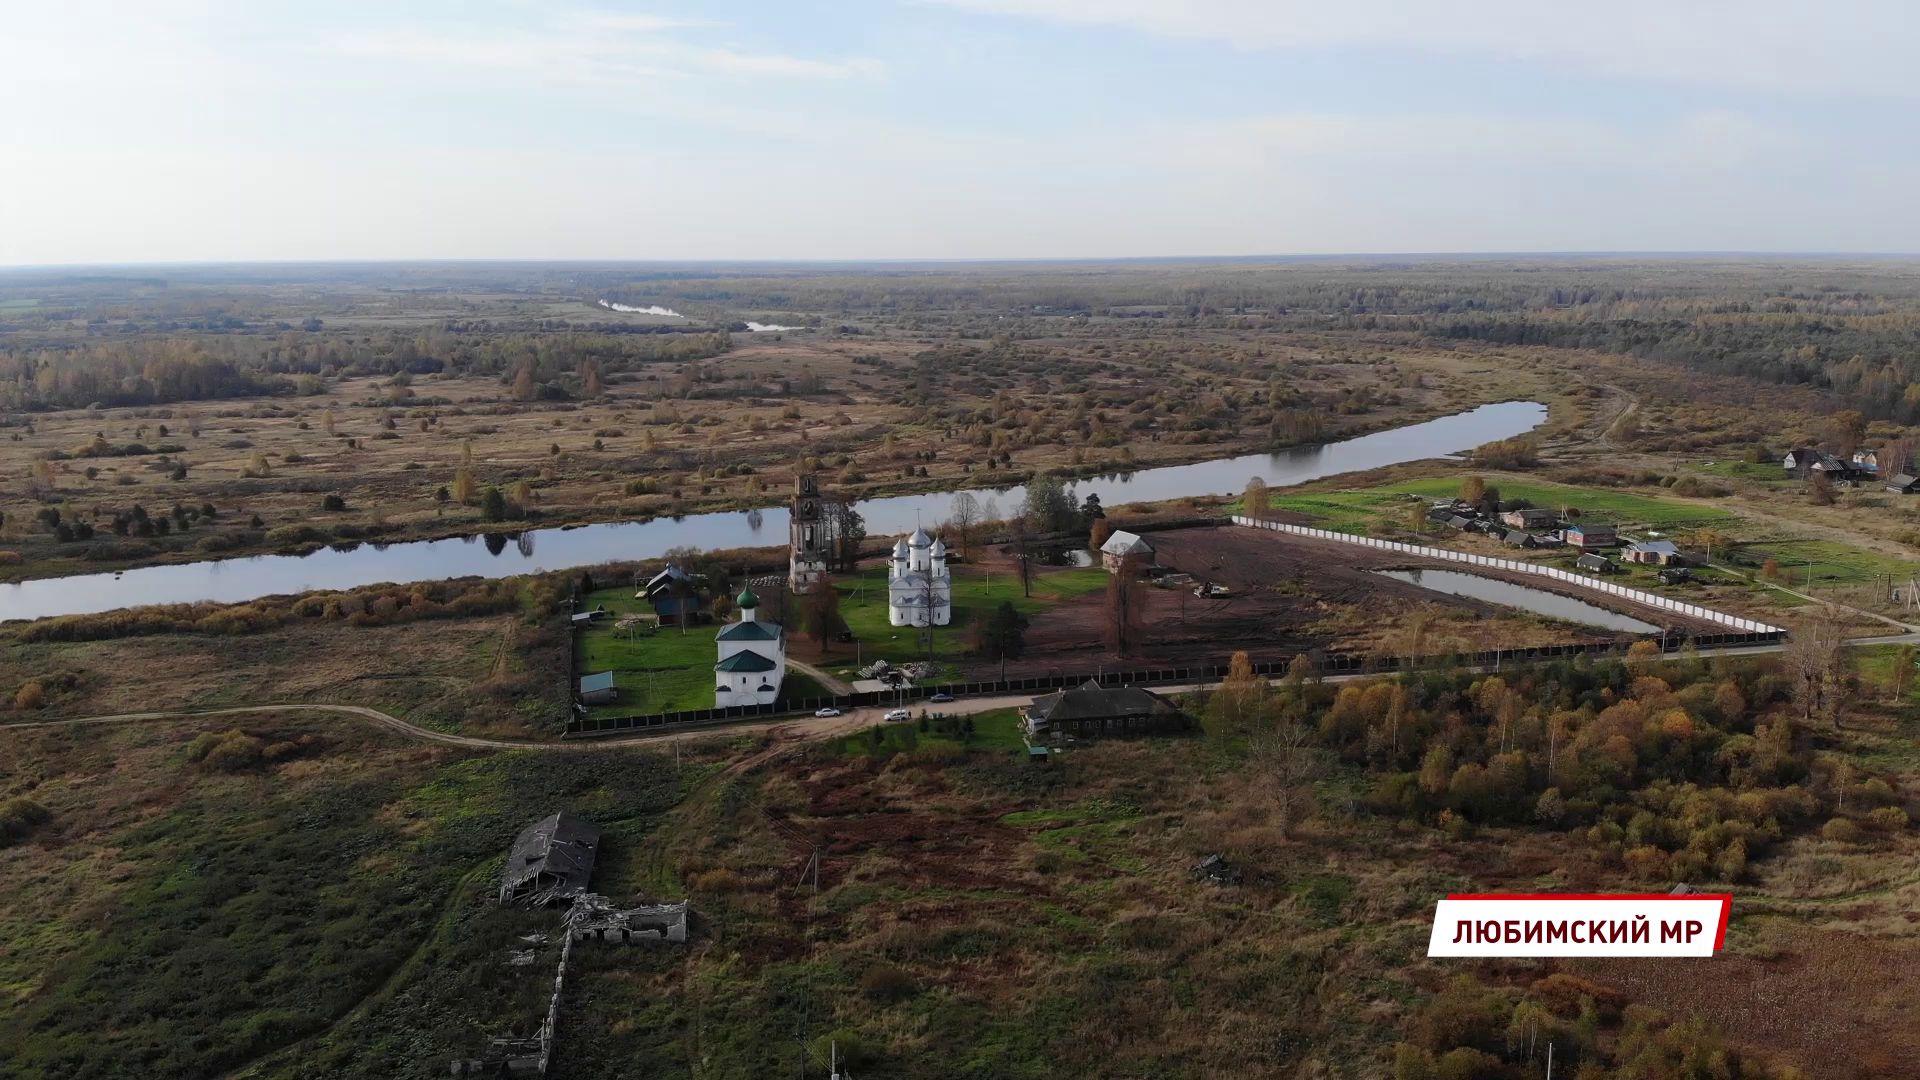 В Любимском районе на территории мужского монастыря высадили липовую аллею